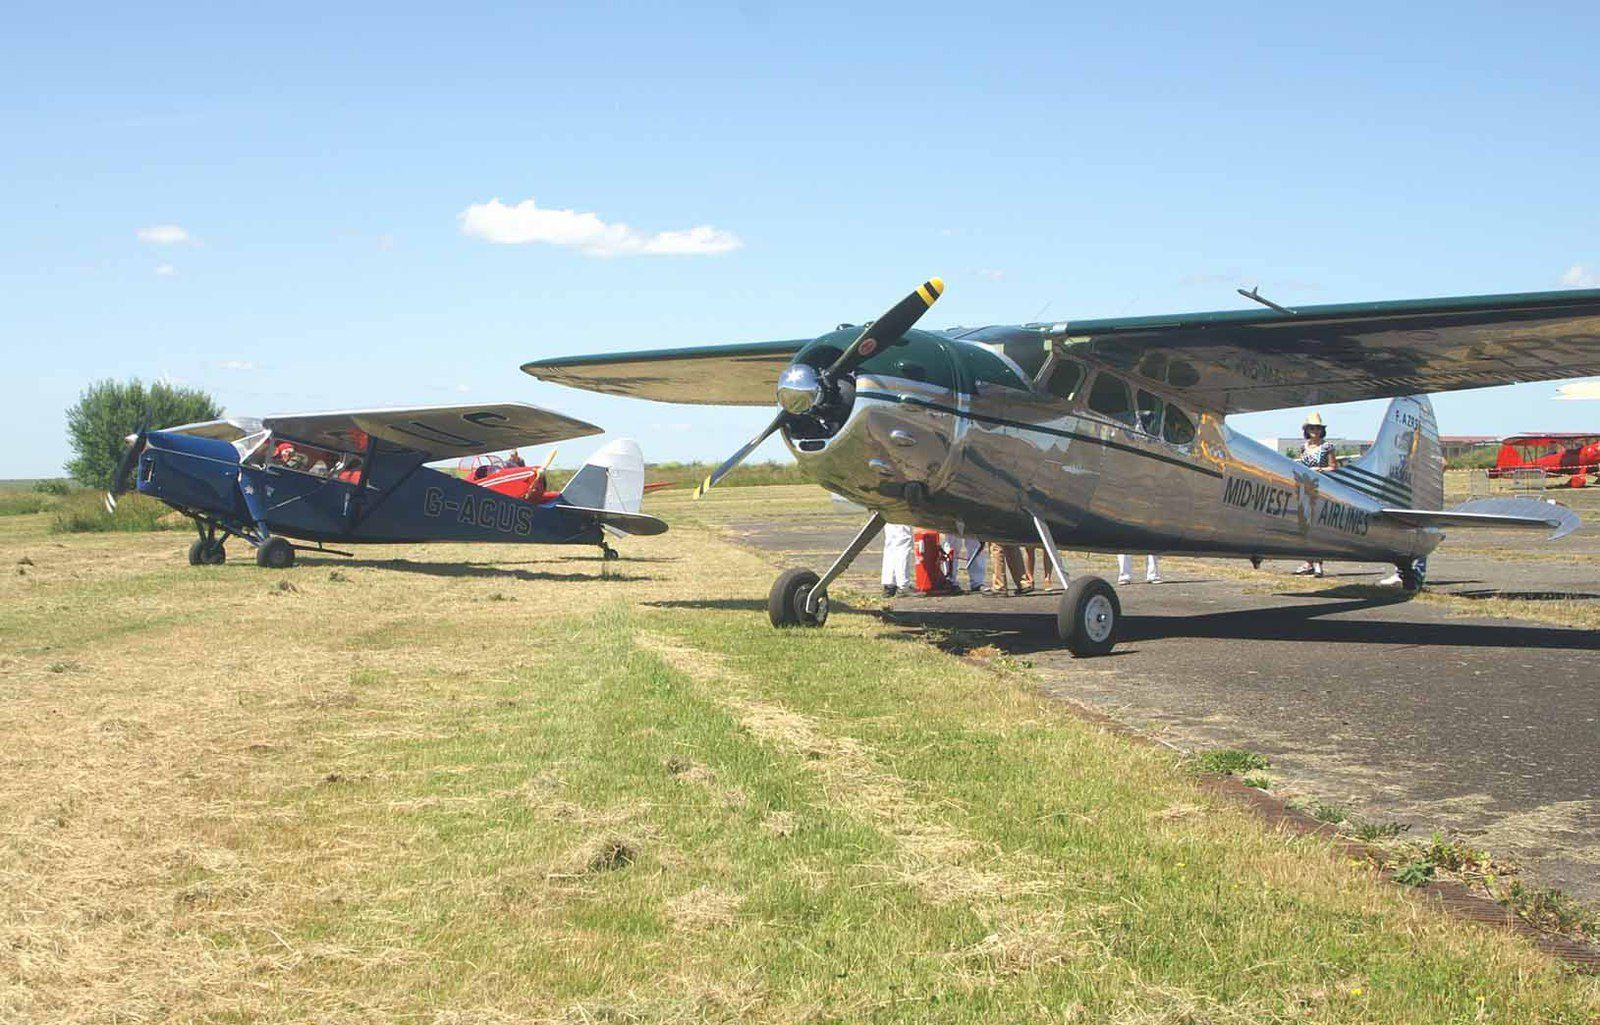 En compagnie d'un des nombreux visiteurs anglais, le Cessna 195 F-AZRS.